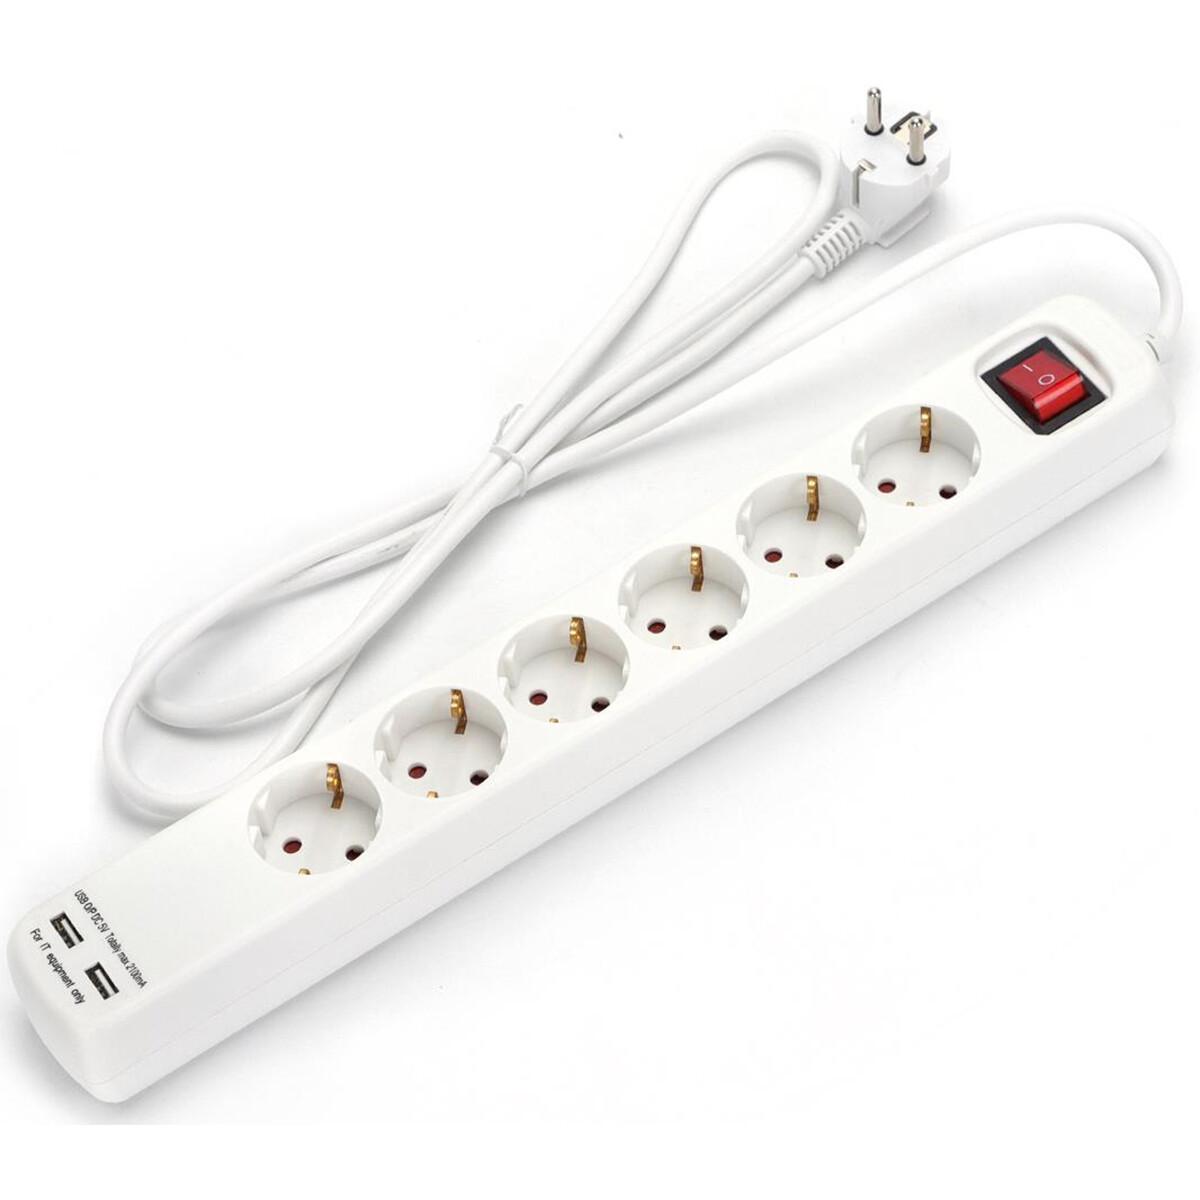 Verlengsnoer met Schakelaar Incl. USB - Aigi Tranko - 3680W - 6 Stopcontacten - 1.5 Meter - Wit   Ne